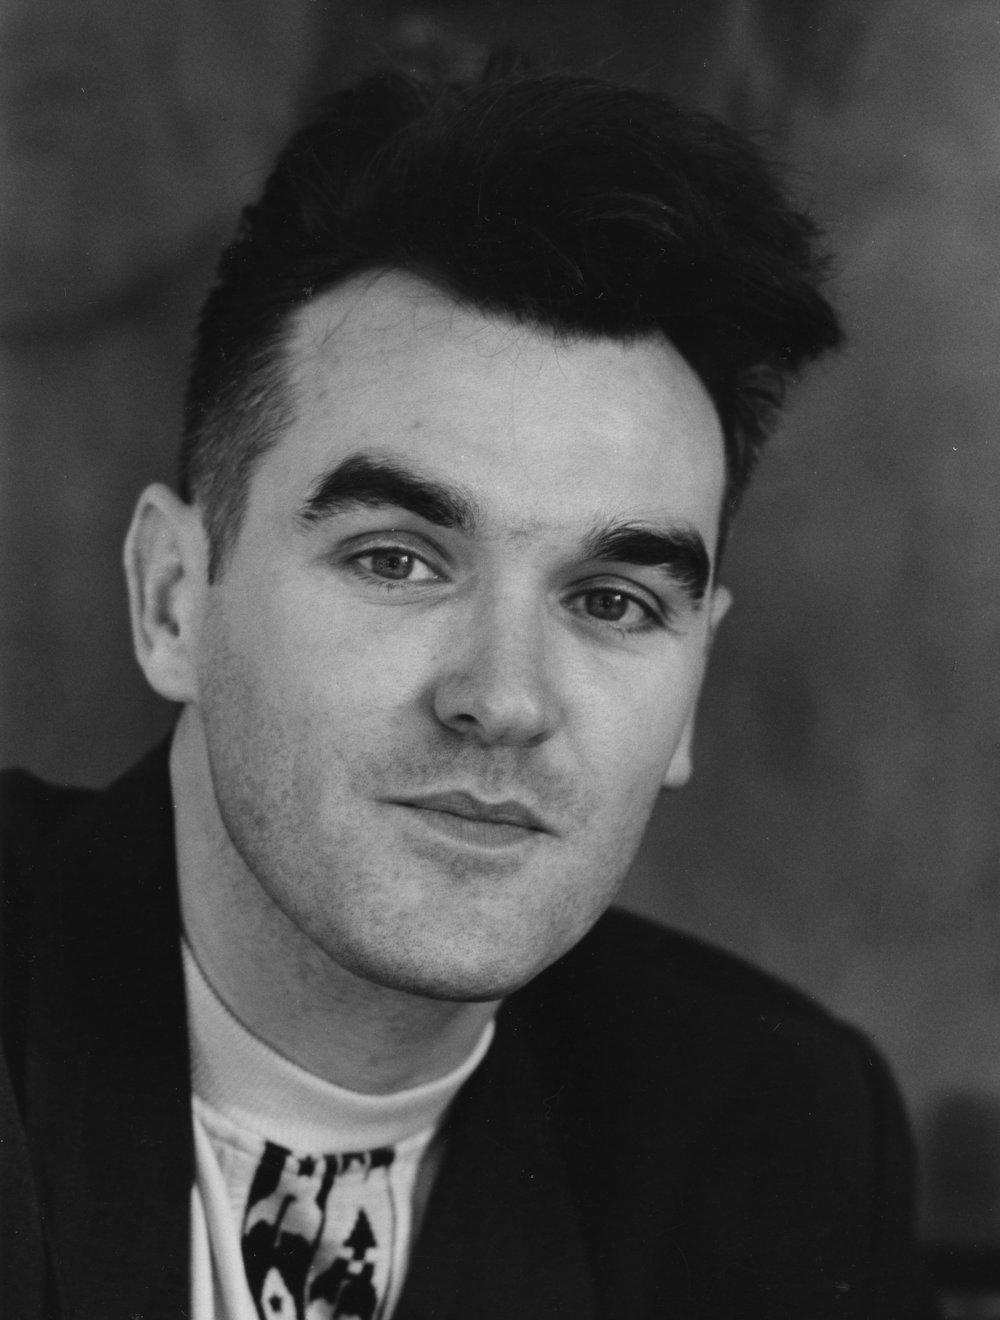 Morrissey 9.23.25_19..jpg